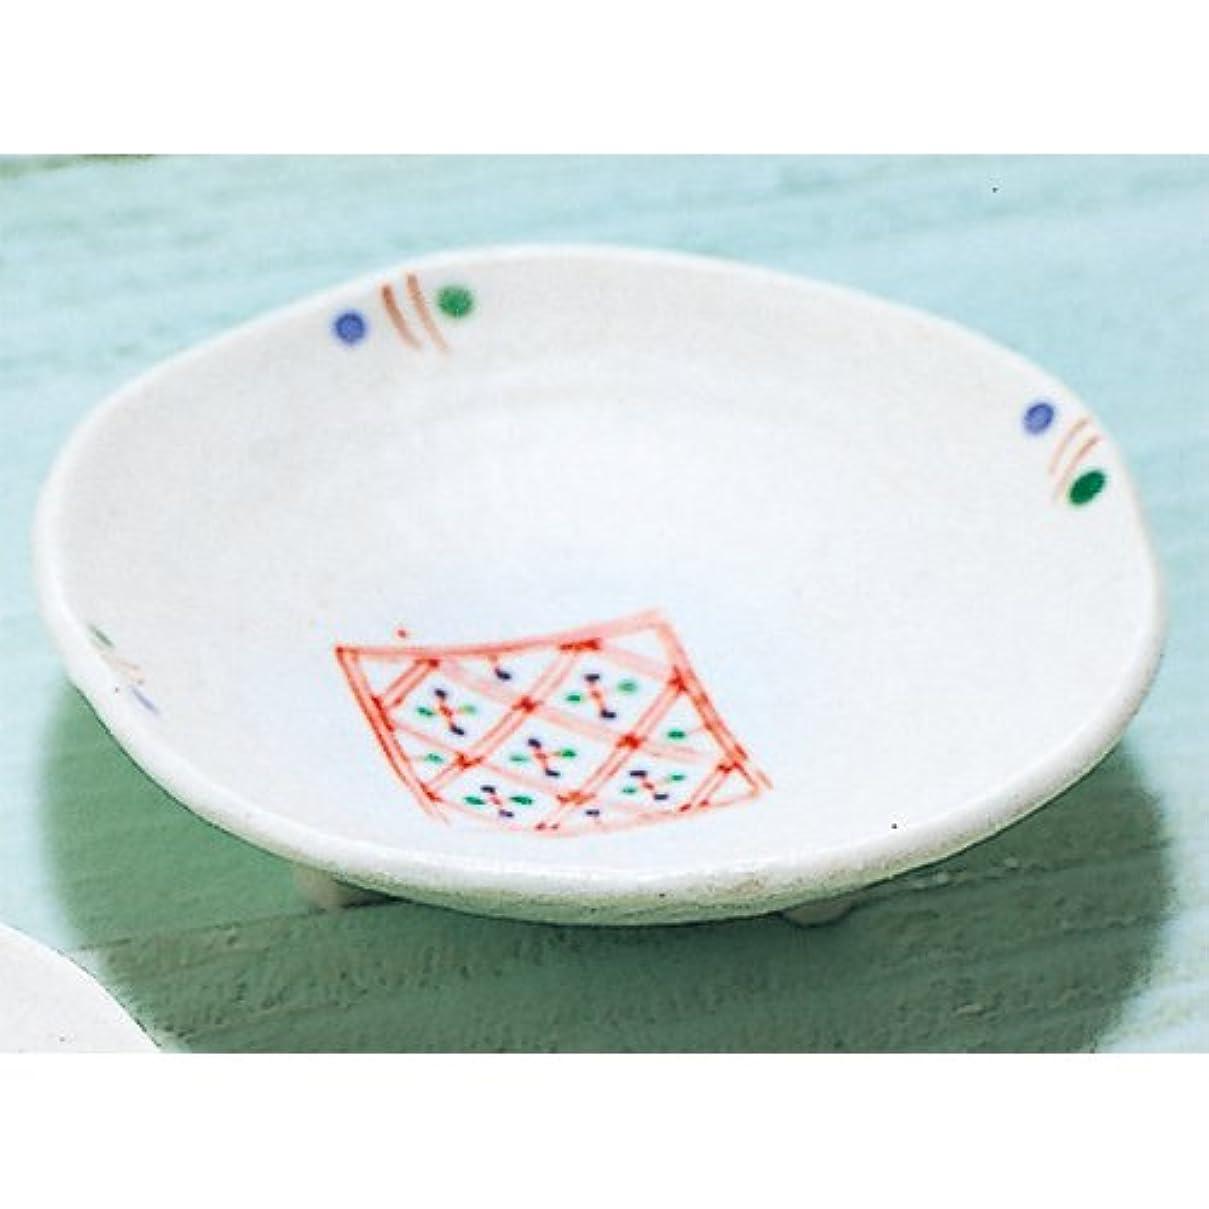 夕食を食べるに賛成求人香皿 赤絵 三ツ足香皿 地紋 [R9.2xH2.7cm] プレゼント ギフト 和食器 かわいい インテリア